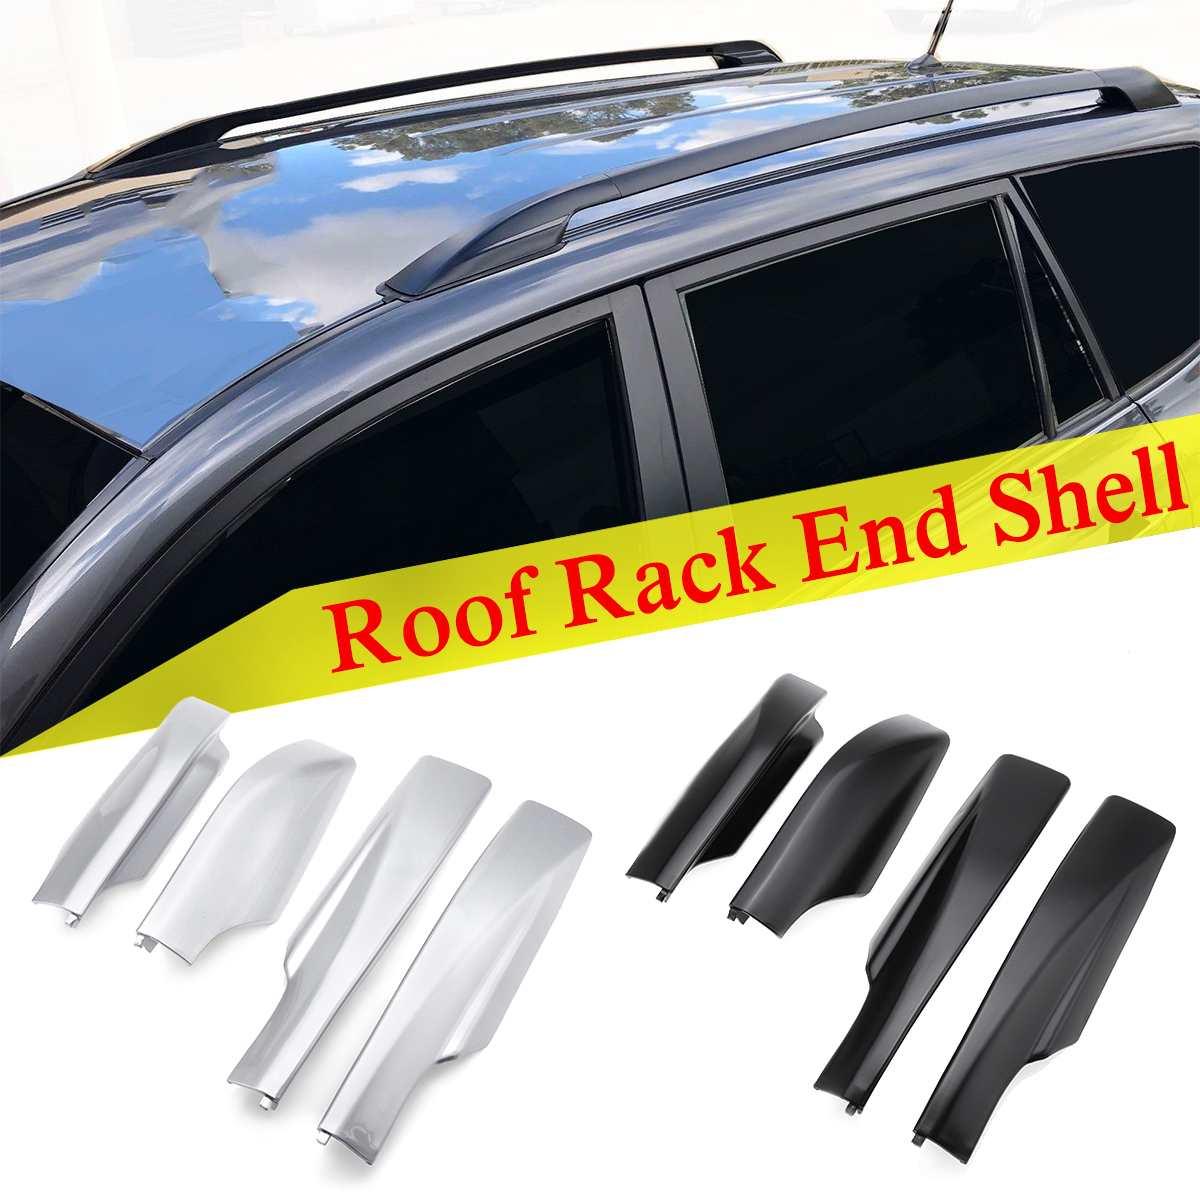 4 unids/set negro plata ABS cubierta de la cubierta del extremo del riel cubierta protectora para TOYOTA RAV4 2007 2008 2009 2010 2011 2012 Modelo a escala de 5 uds material de construcción techos de láminas de PVC en tamaño 210x300mm para diseño de la arquitectura